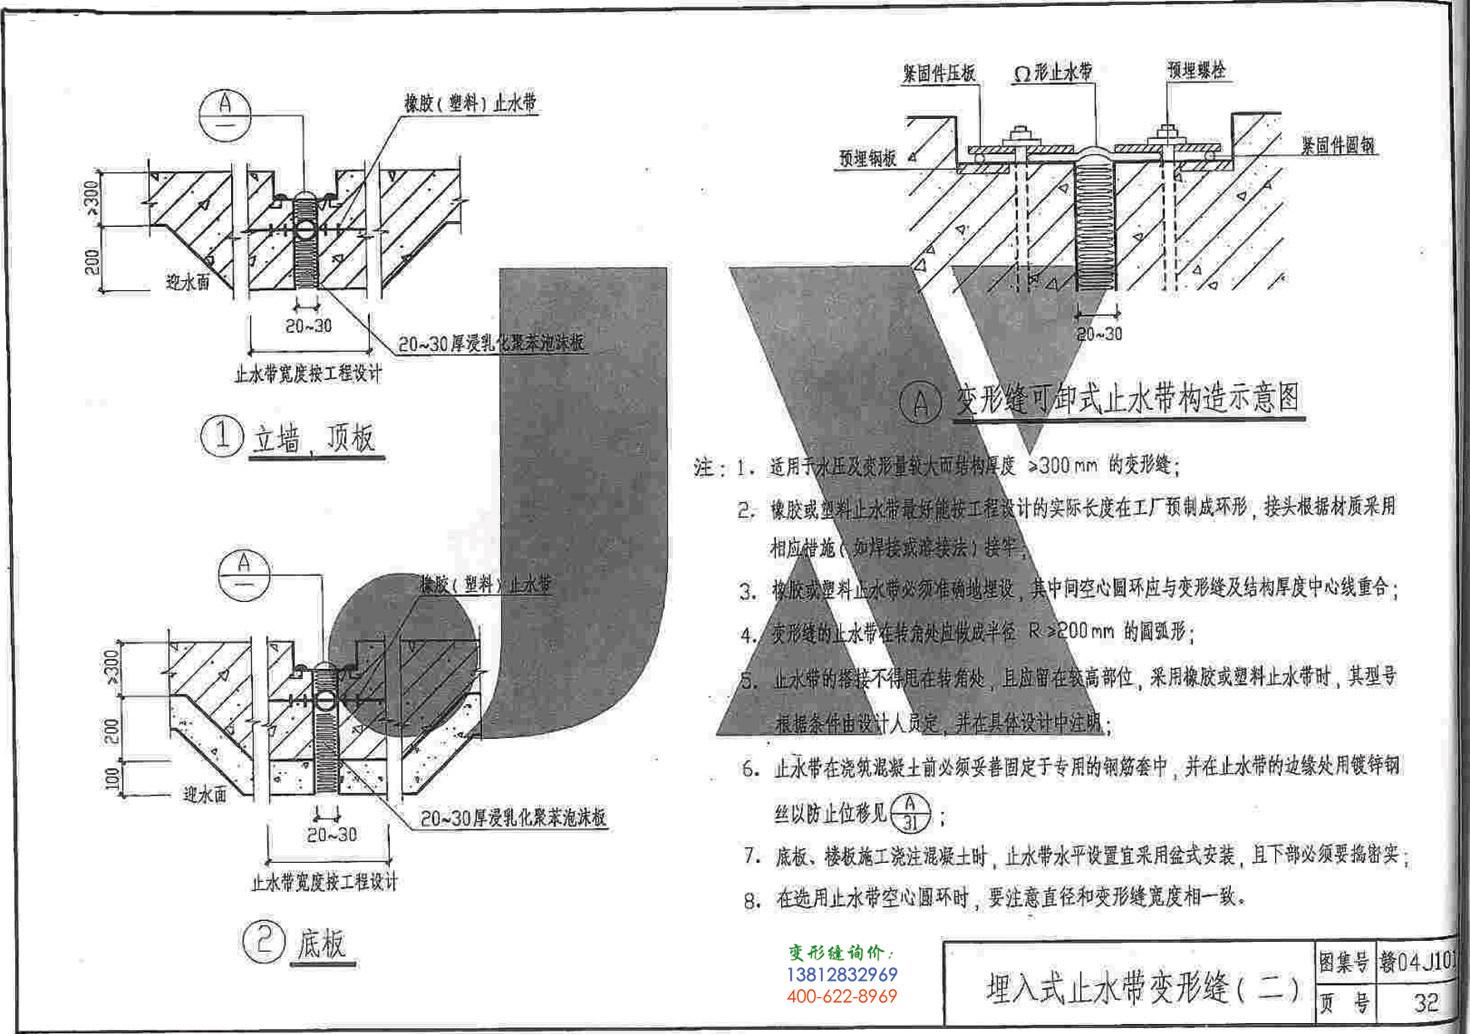 赣04J101变形缝图集第32页